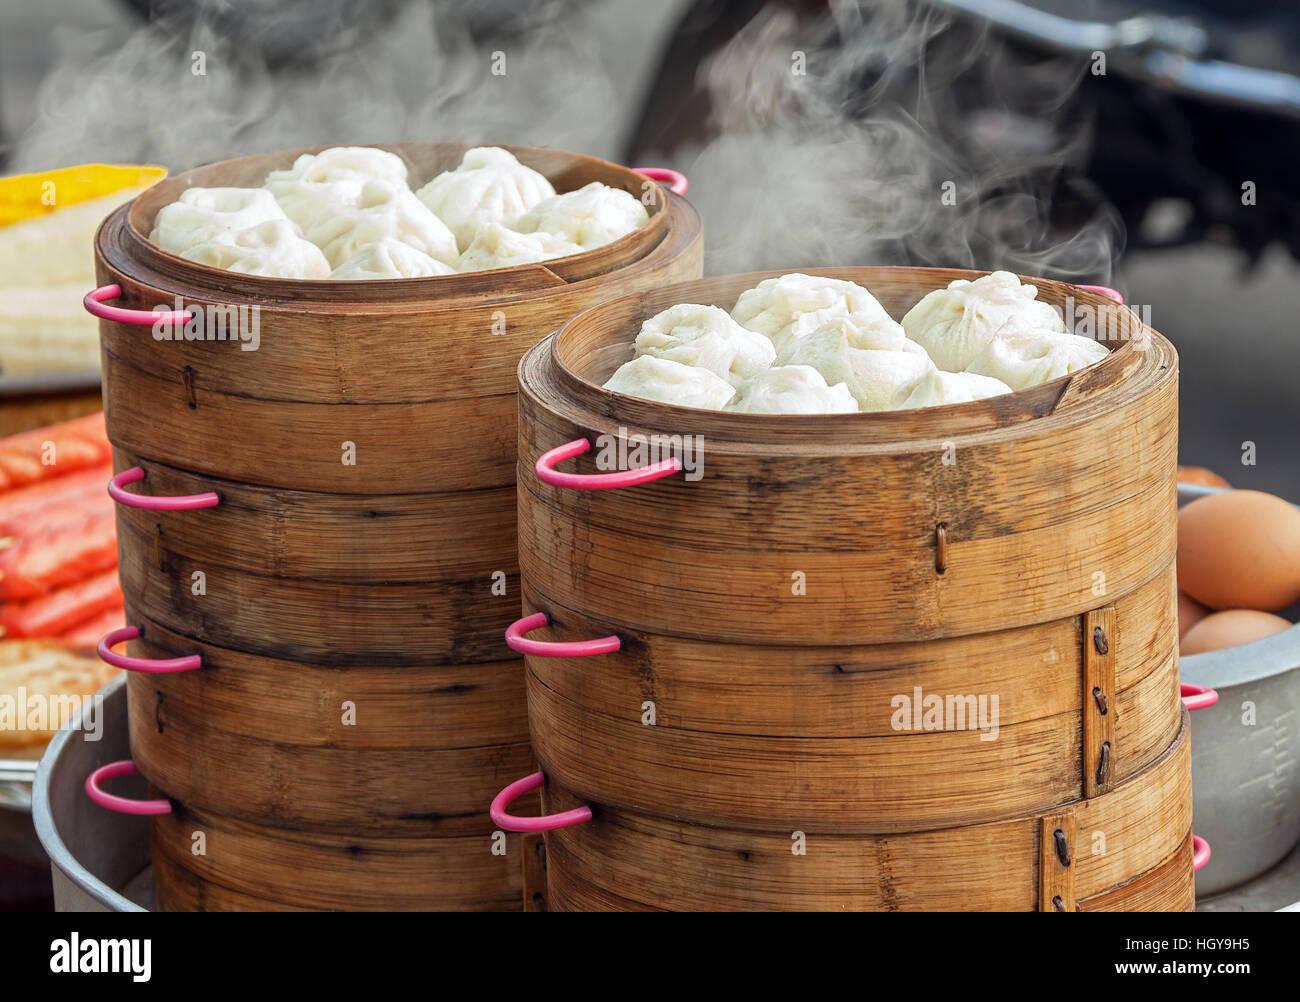 Dim Sum in bambù vaporizzatore, cucina cinese Foto & Immagine Stock ...